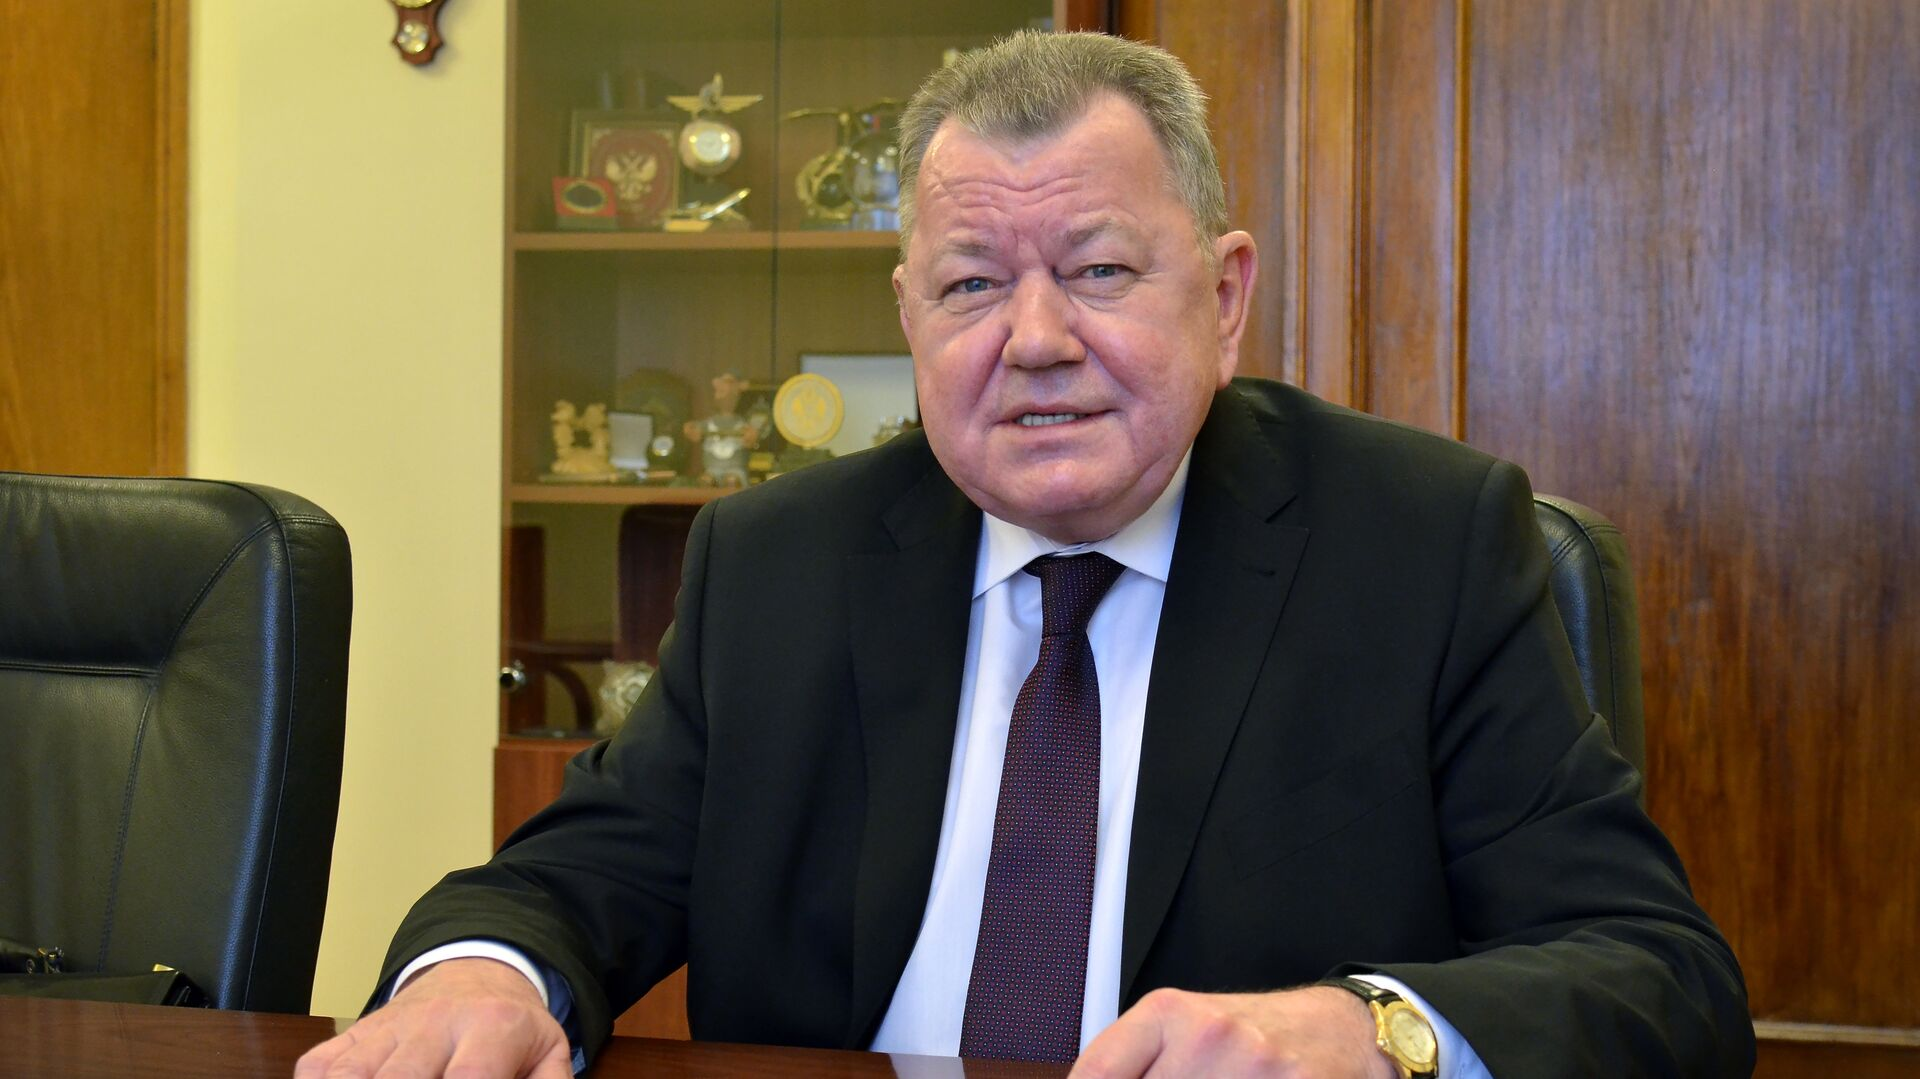 Заместитель министра иностранных дел РФ Олег Сыромолотов - РИА Новости, 1920, 12.05.2021